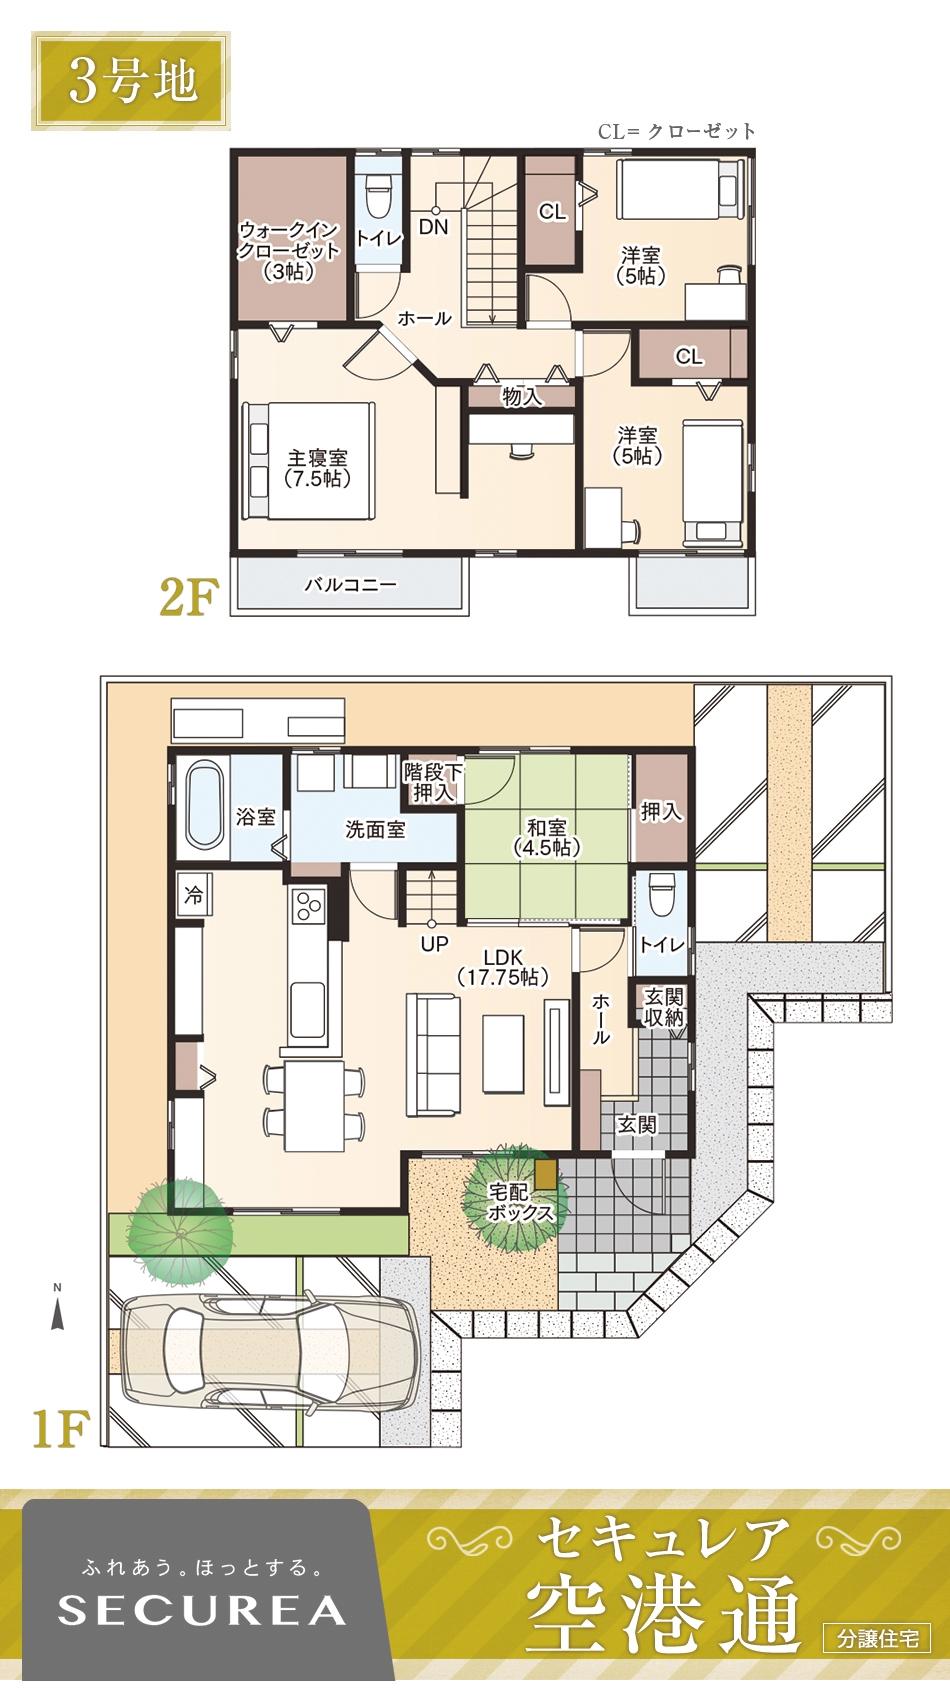 【ダイワハウス】セキュレア空港通 (分譲住宅)の画像